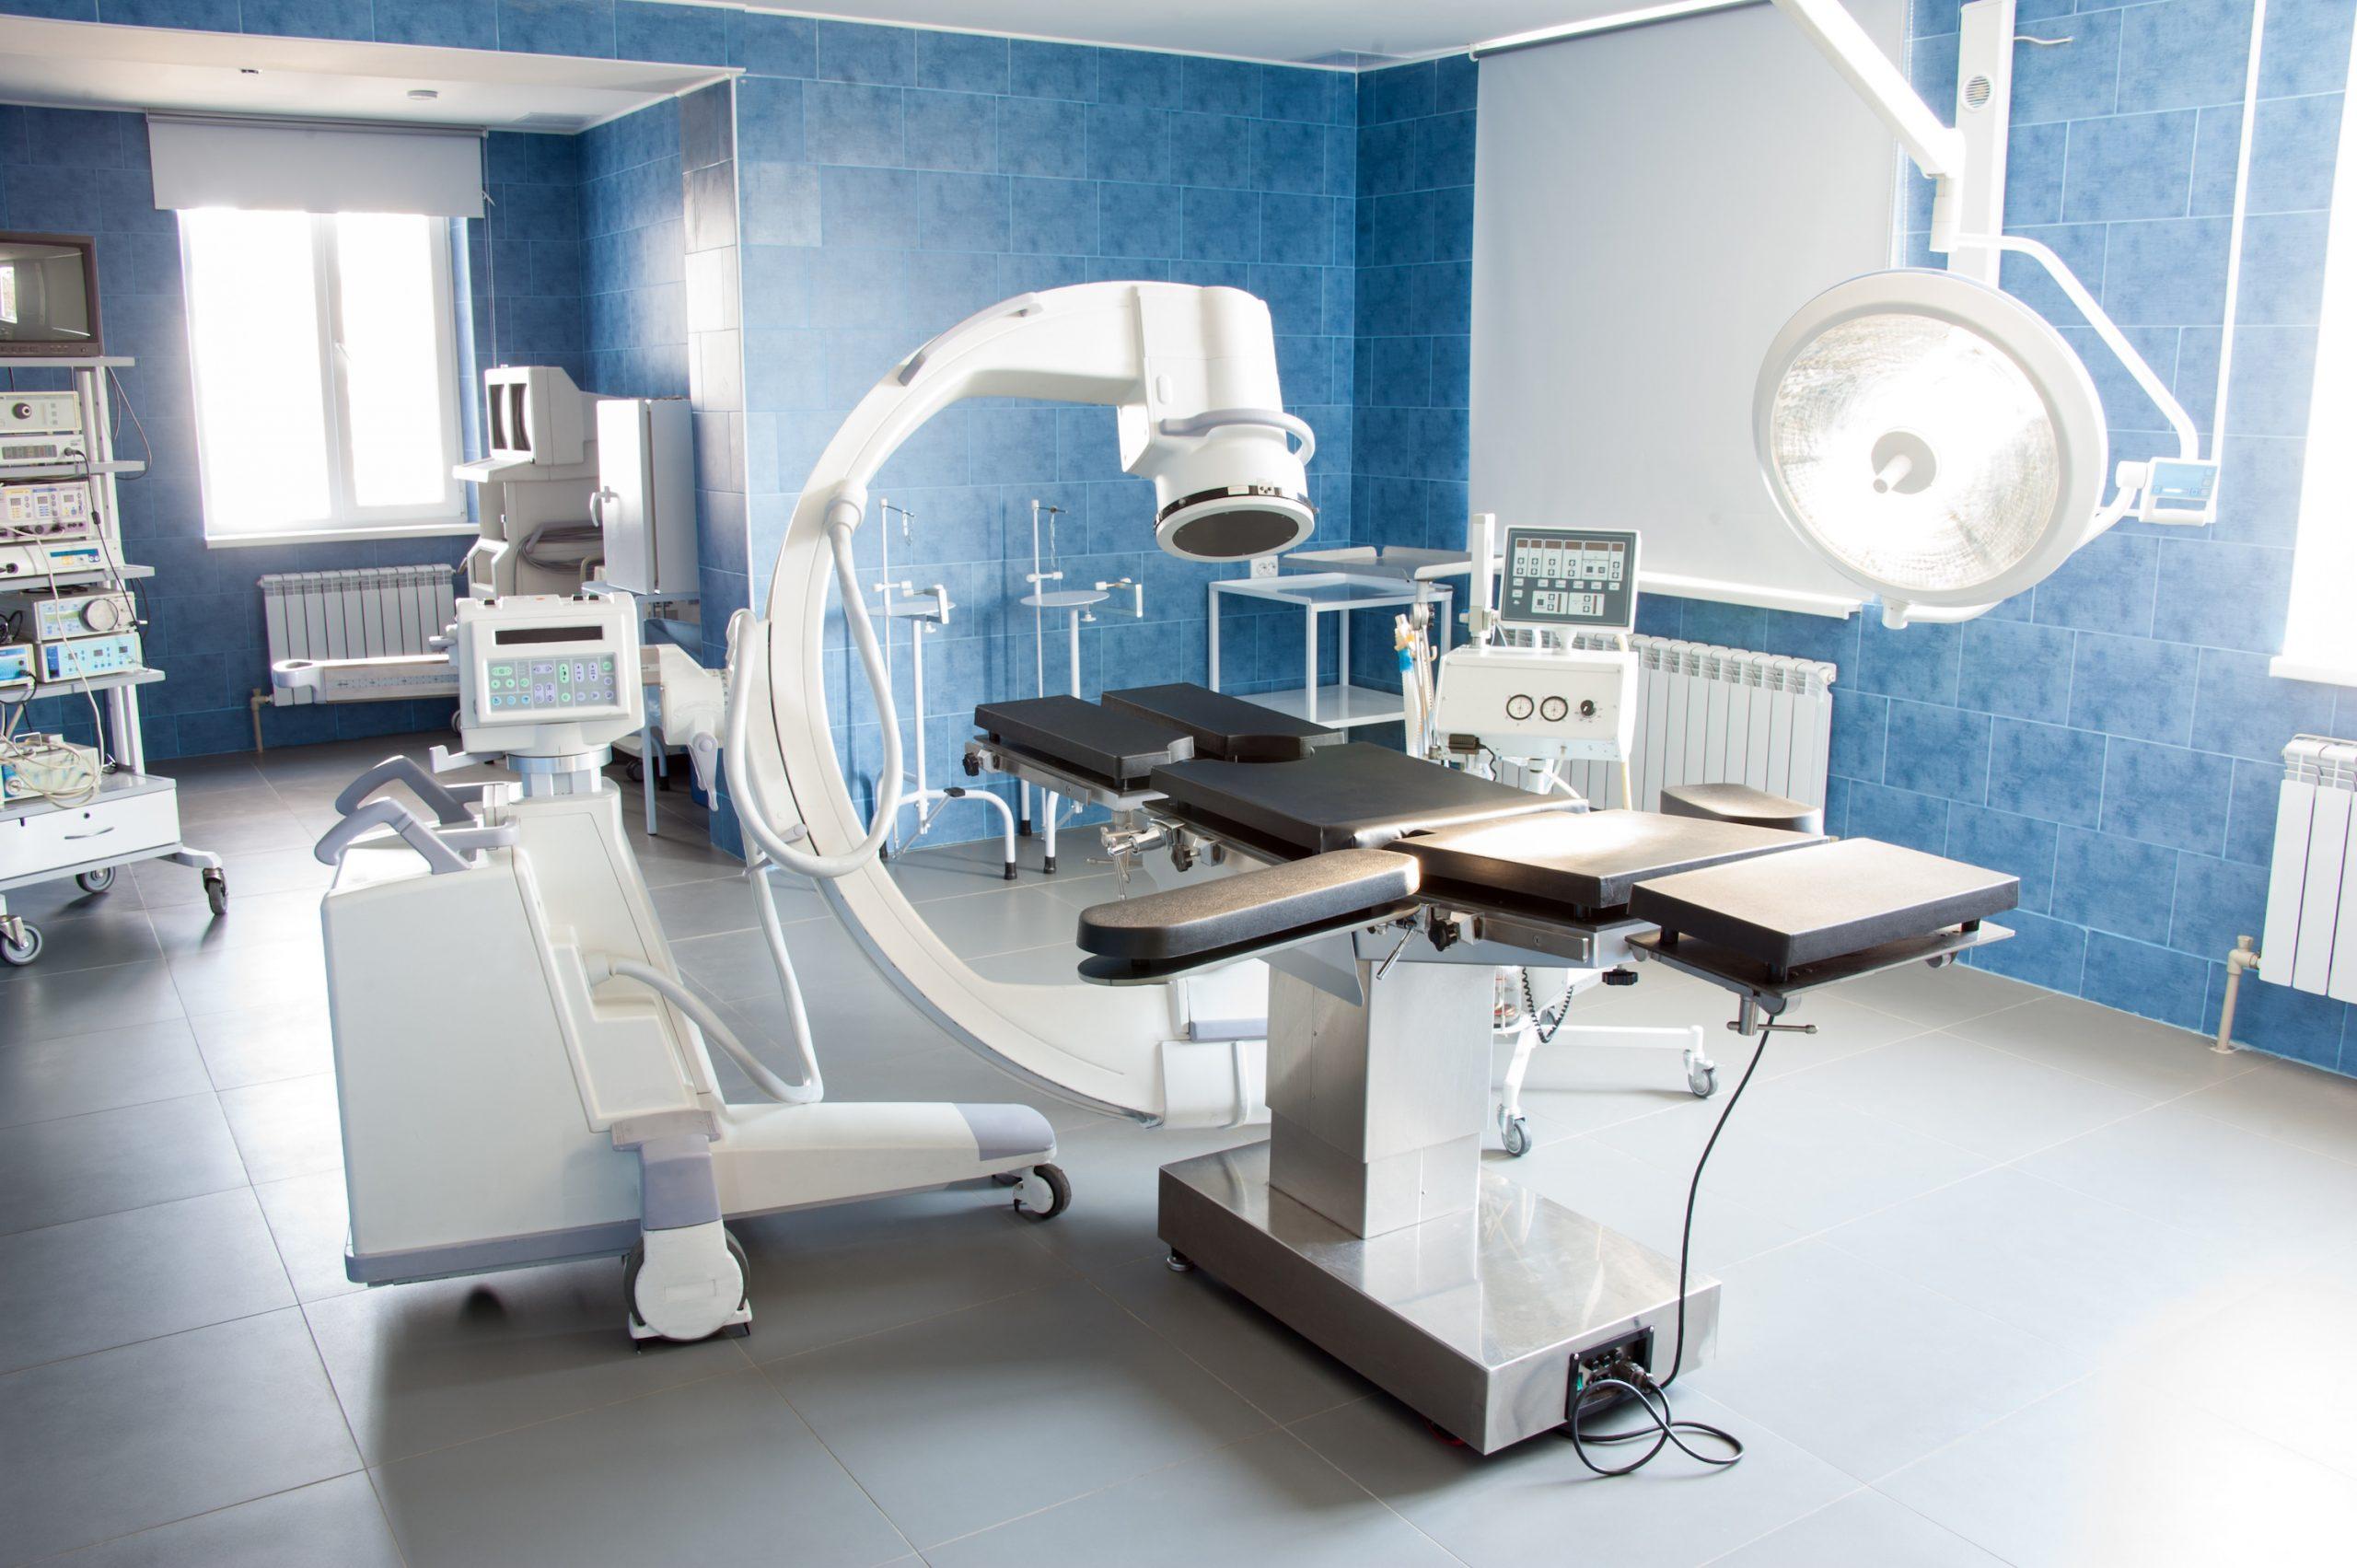 Firmele de dispozitive medicale pot obține avize de funcționare în doar 7 zile și cu jumătate din acte